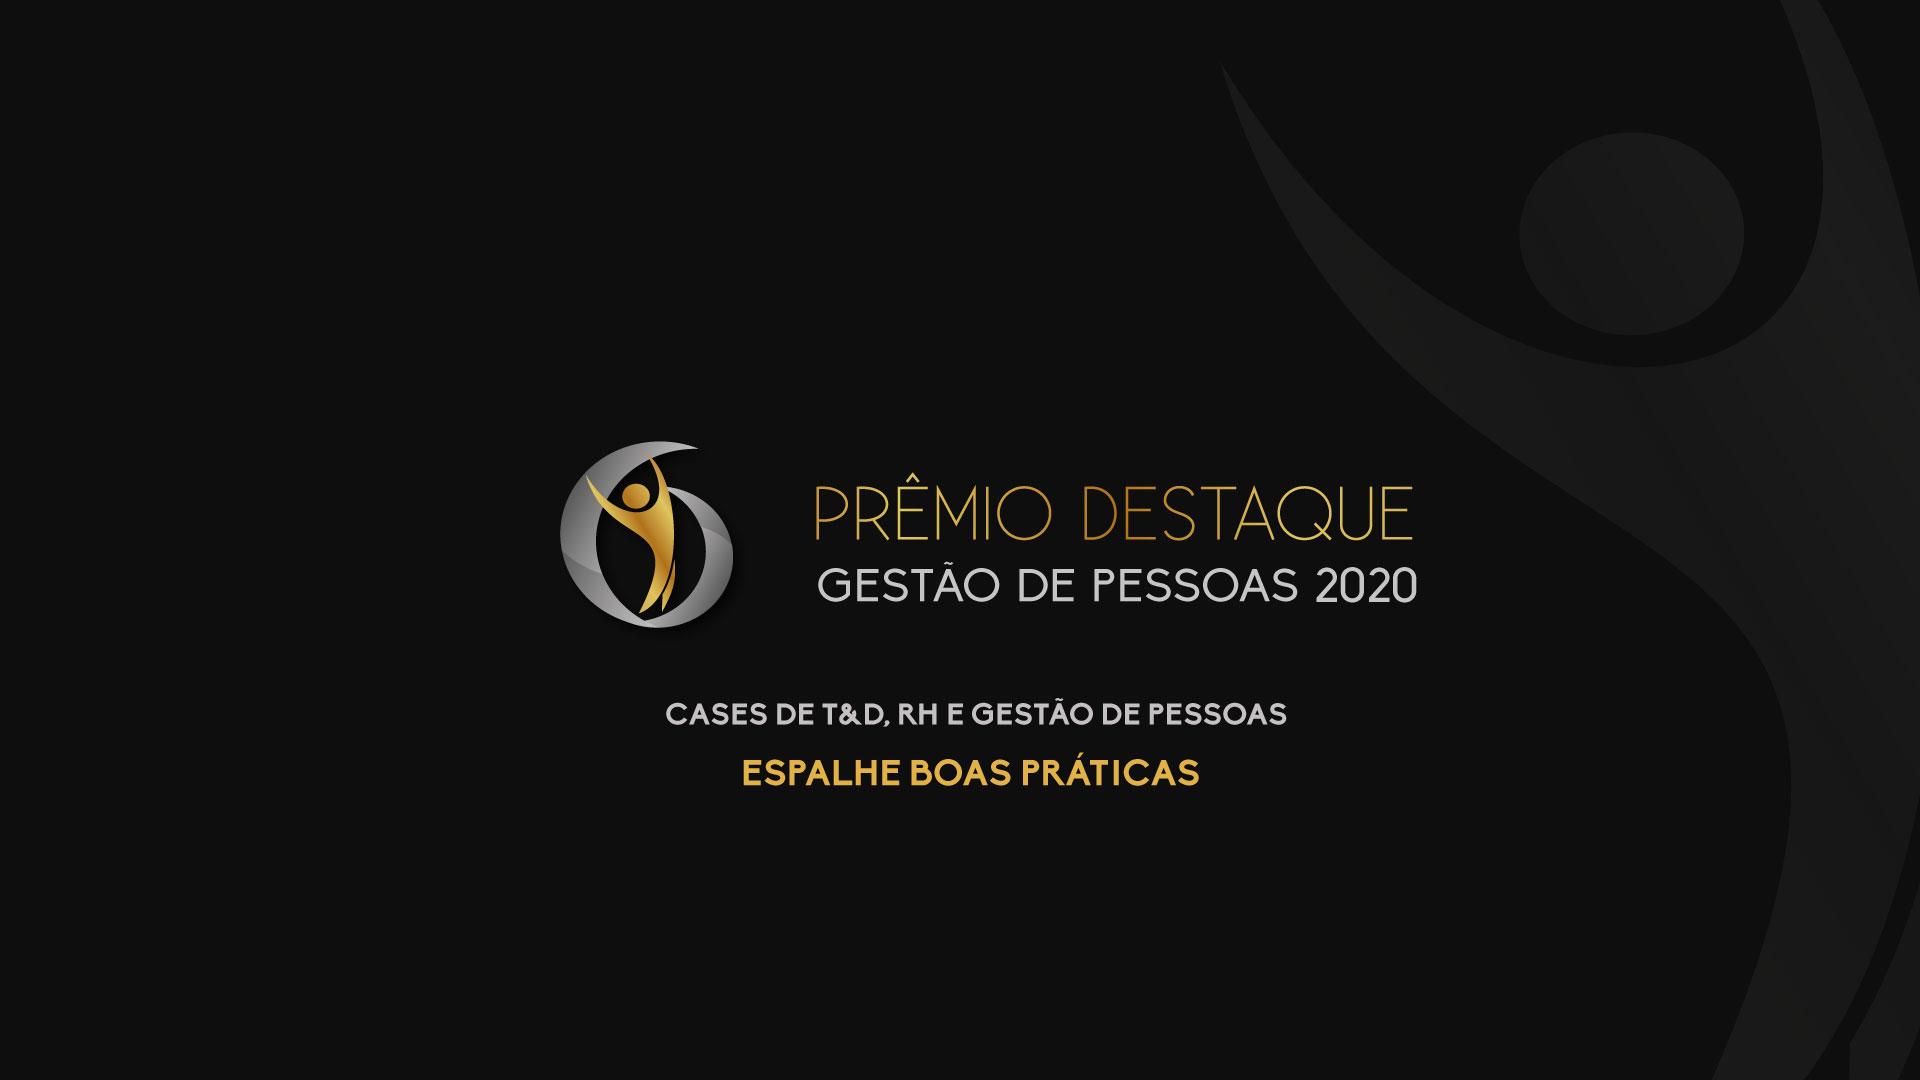 Prêmio Destaque Gestão de Pessoas 2020!